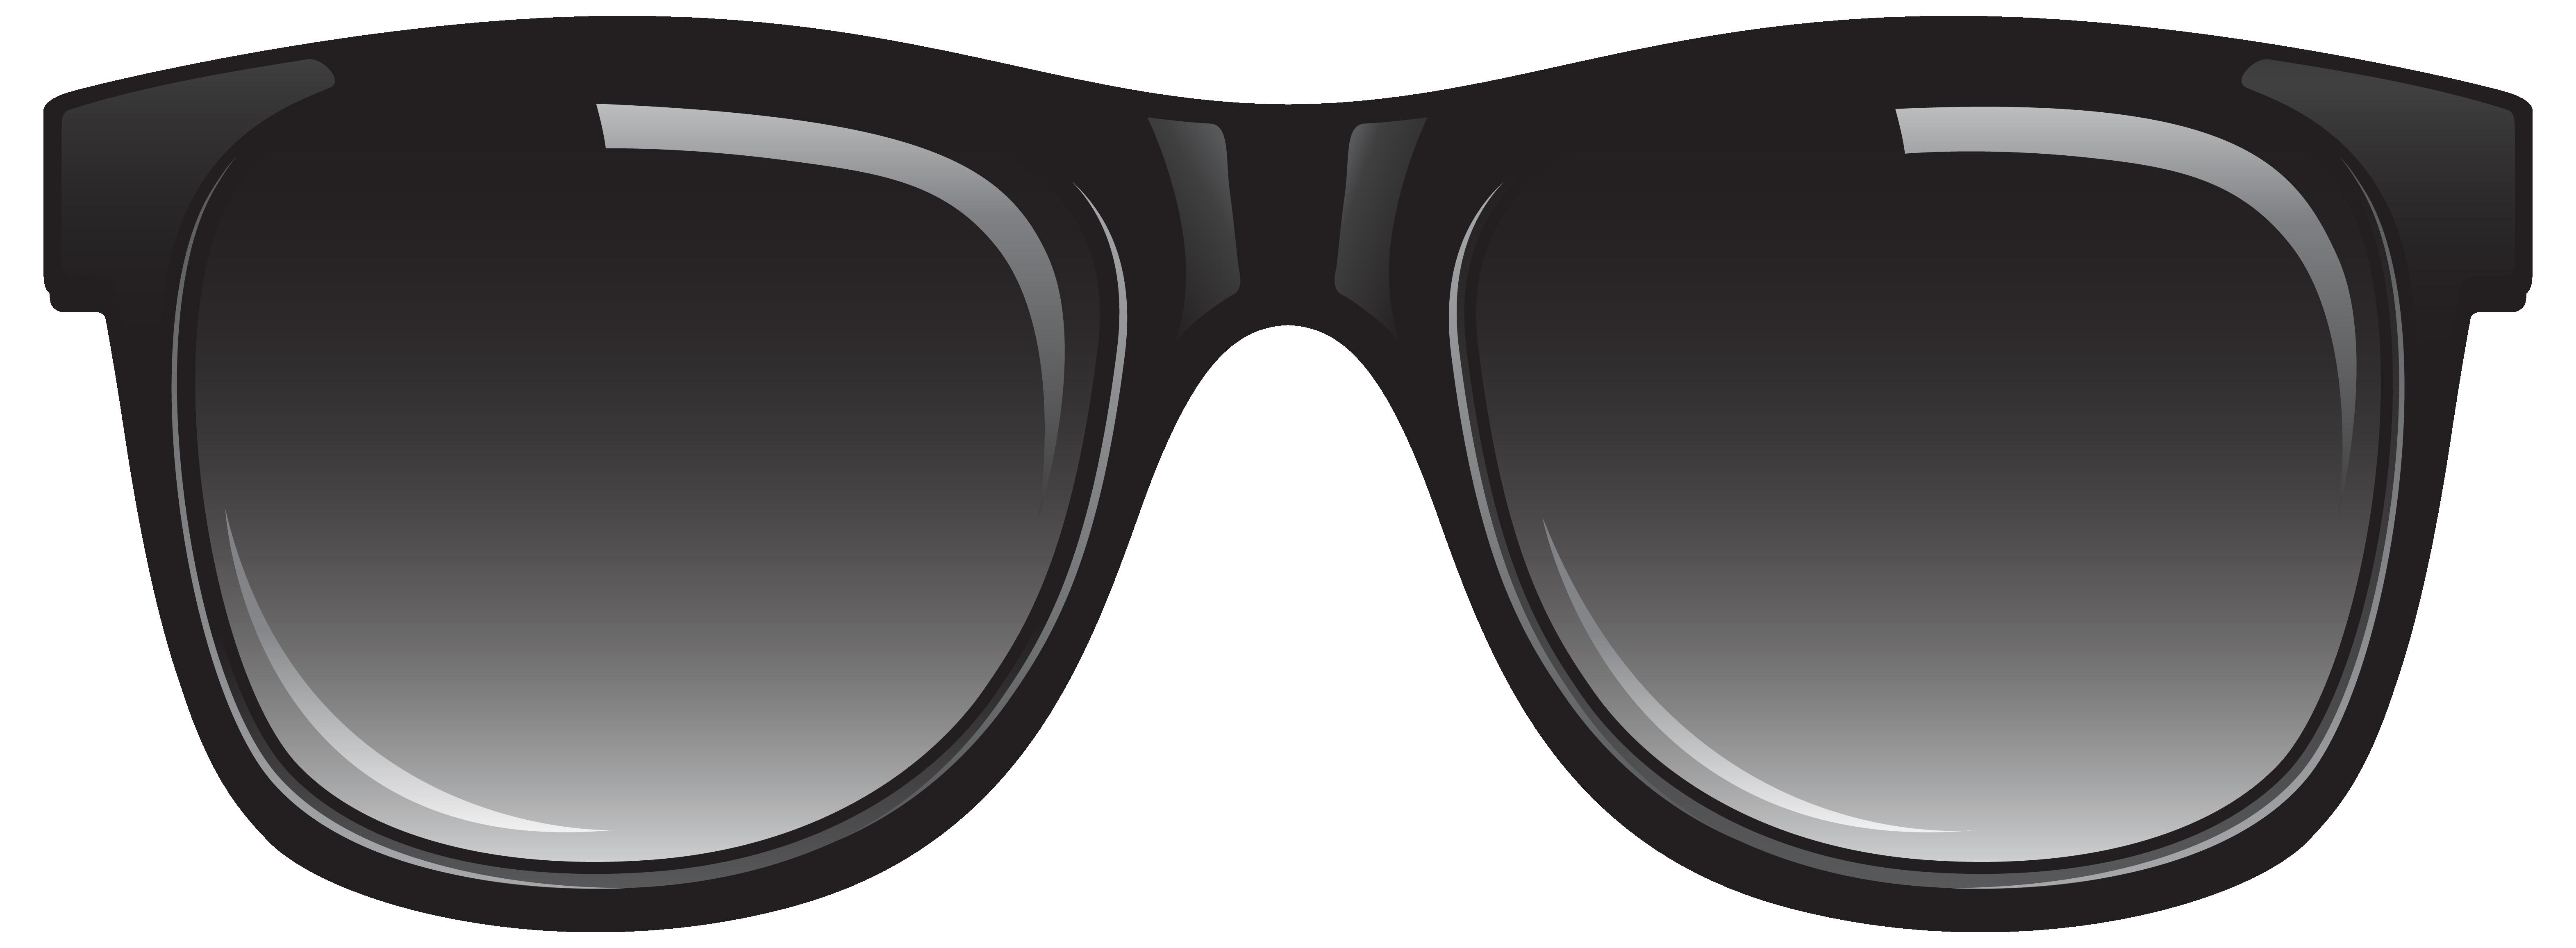 Sunglasses Clipart Free Clip Art 2 Clipa-Sunglasses clipart free clip art 2 clipartwiz 3-13